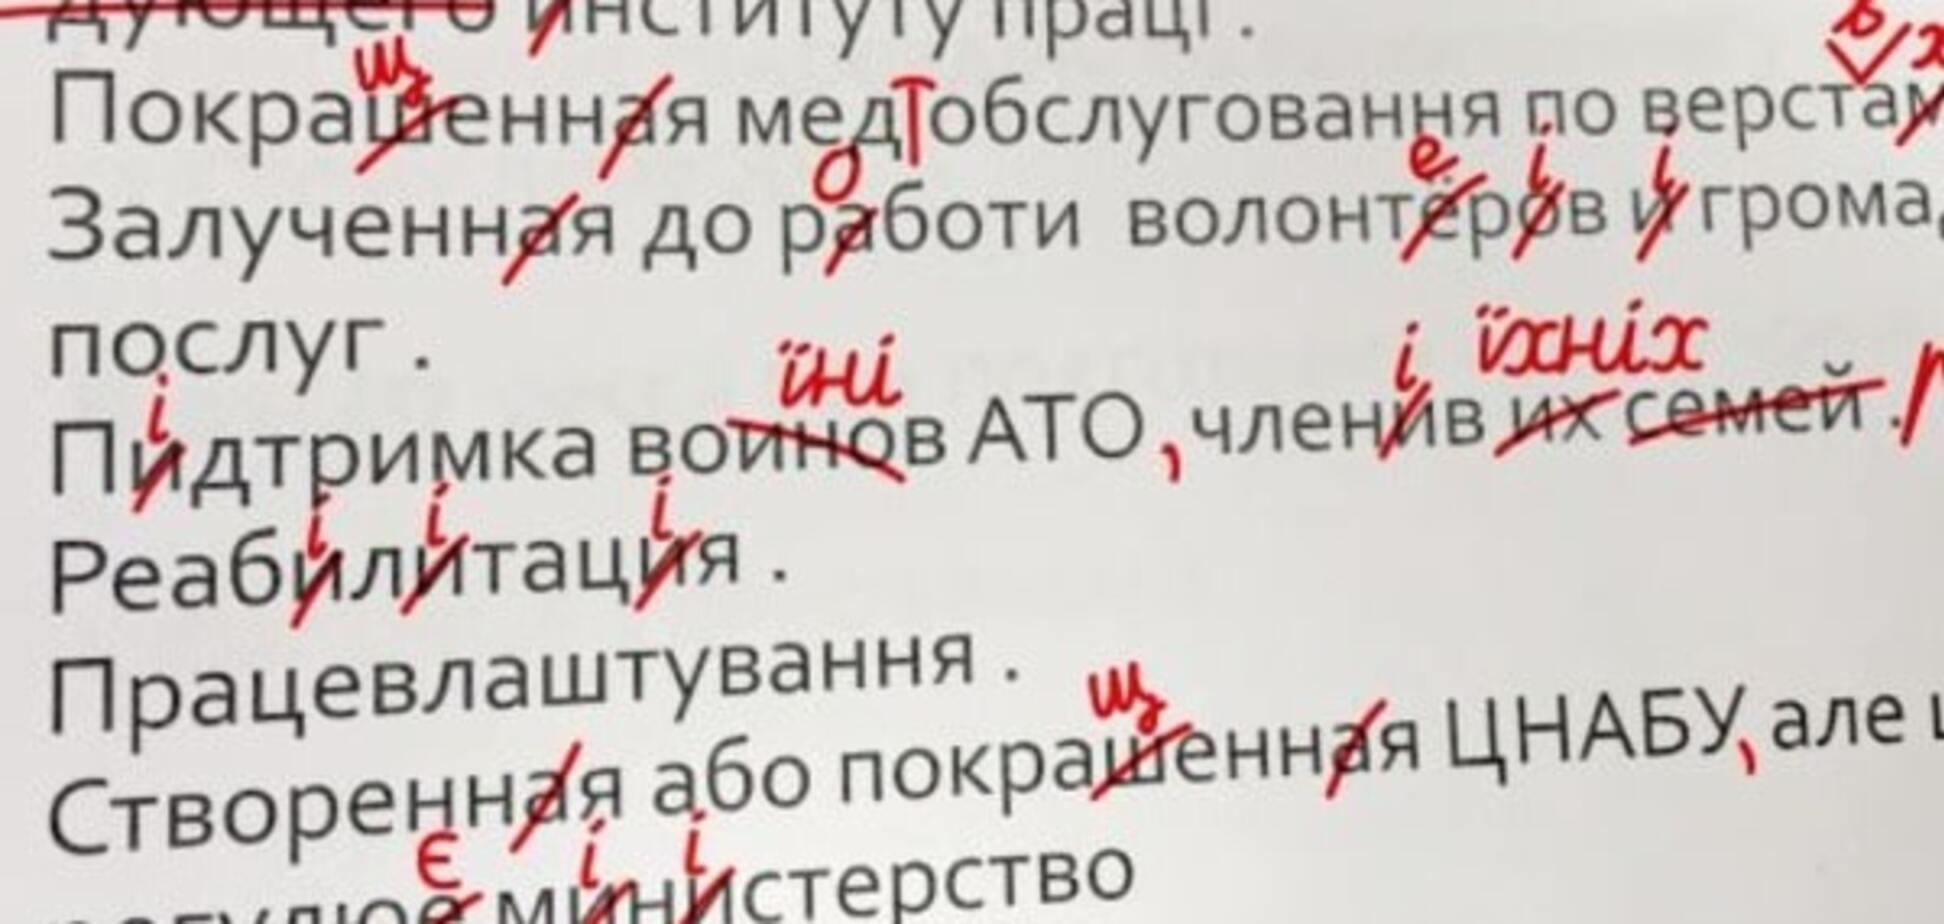 Завдання Олексія Савченко